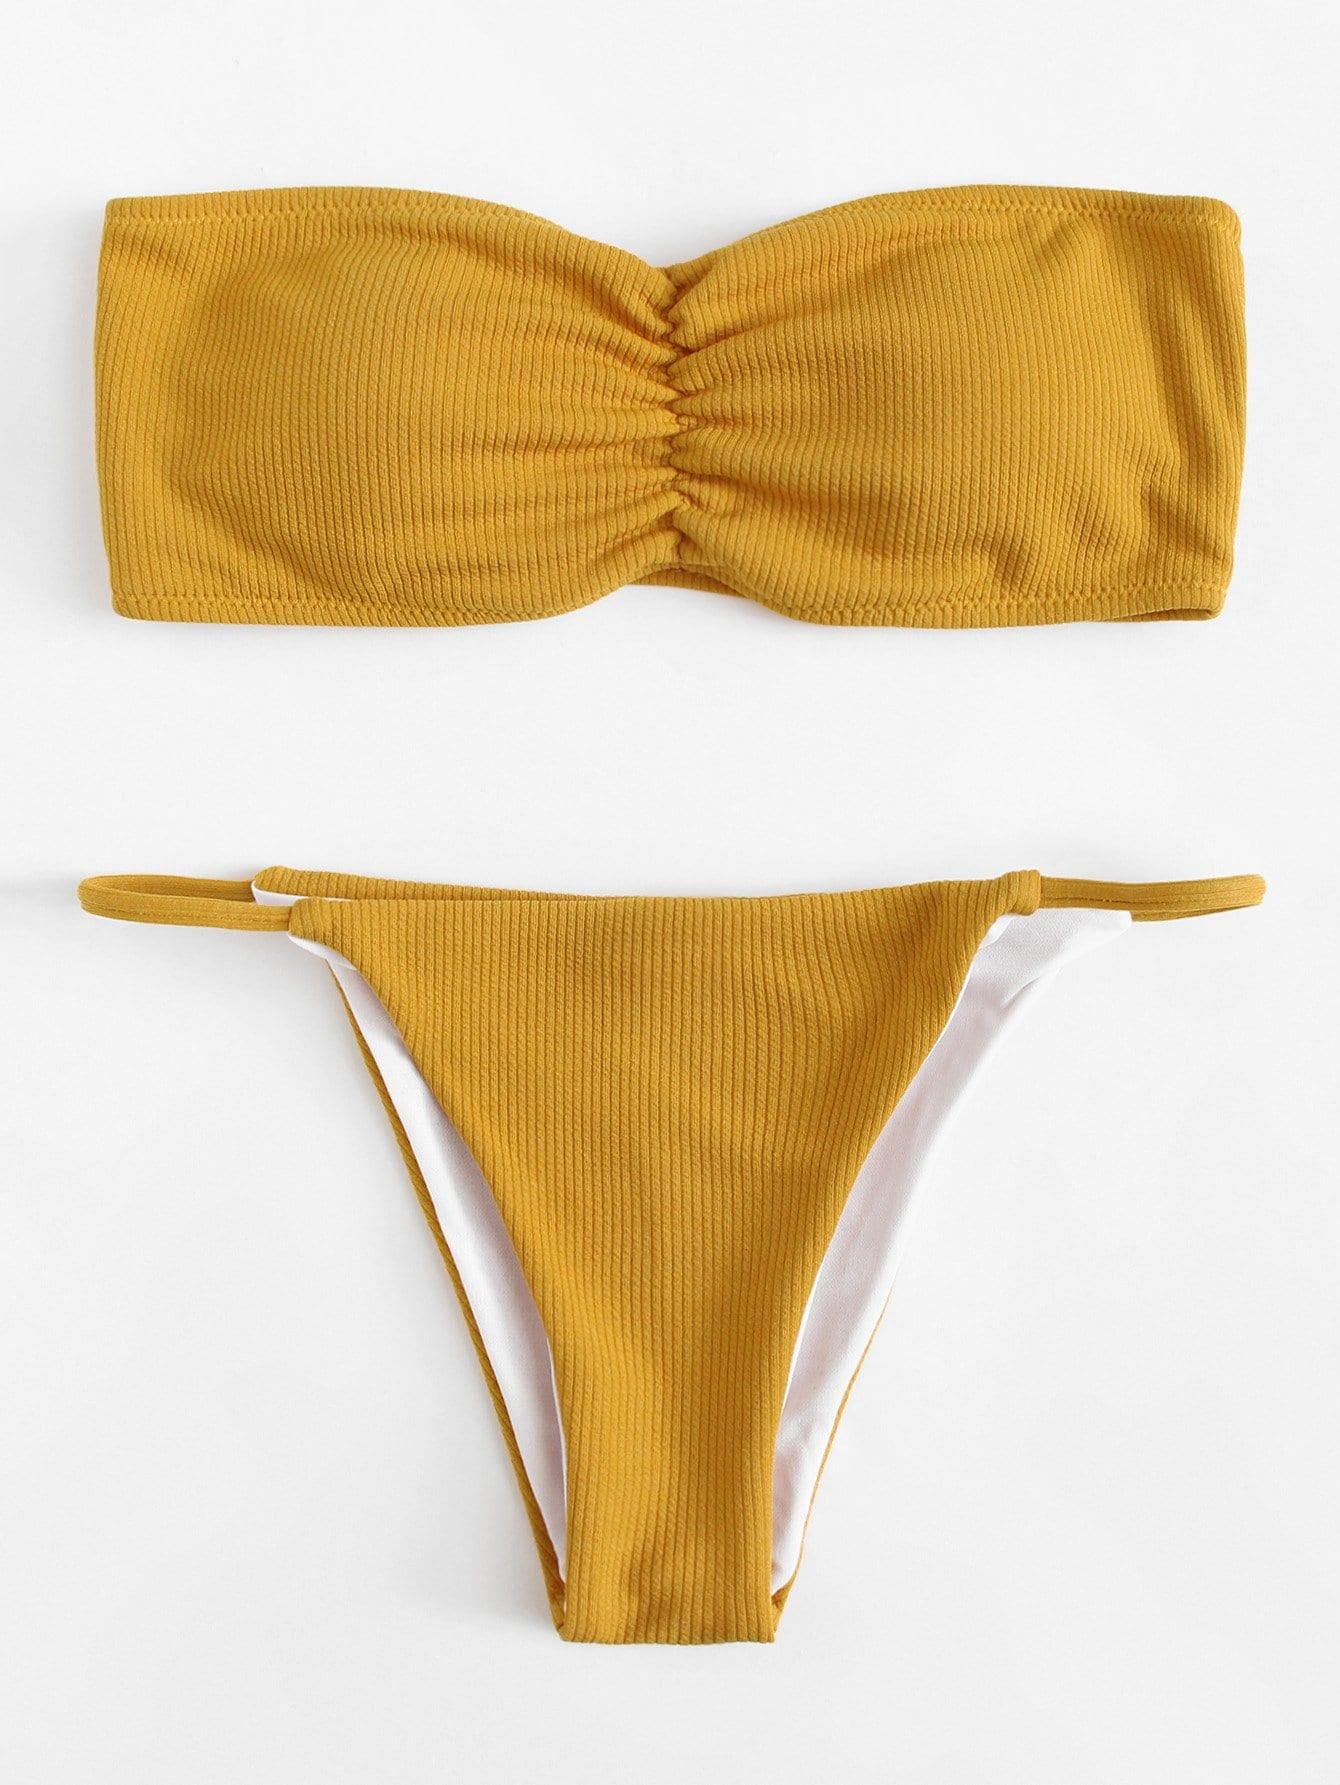 Bandeau Bikini Set embroidery bandeau bikini set